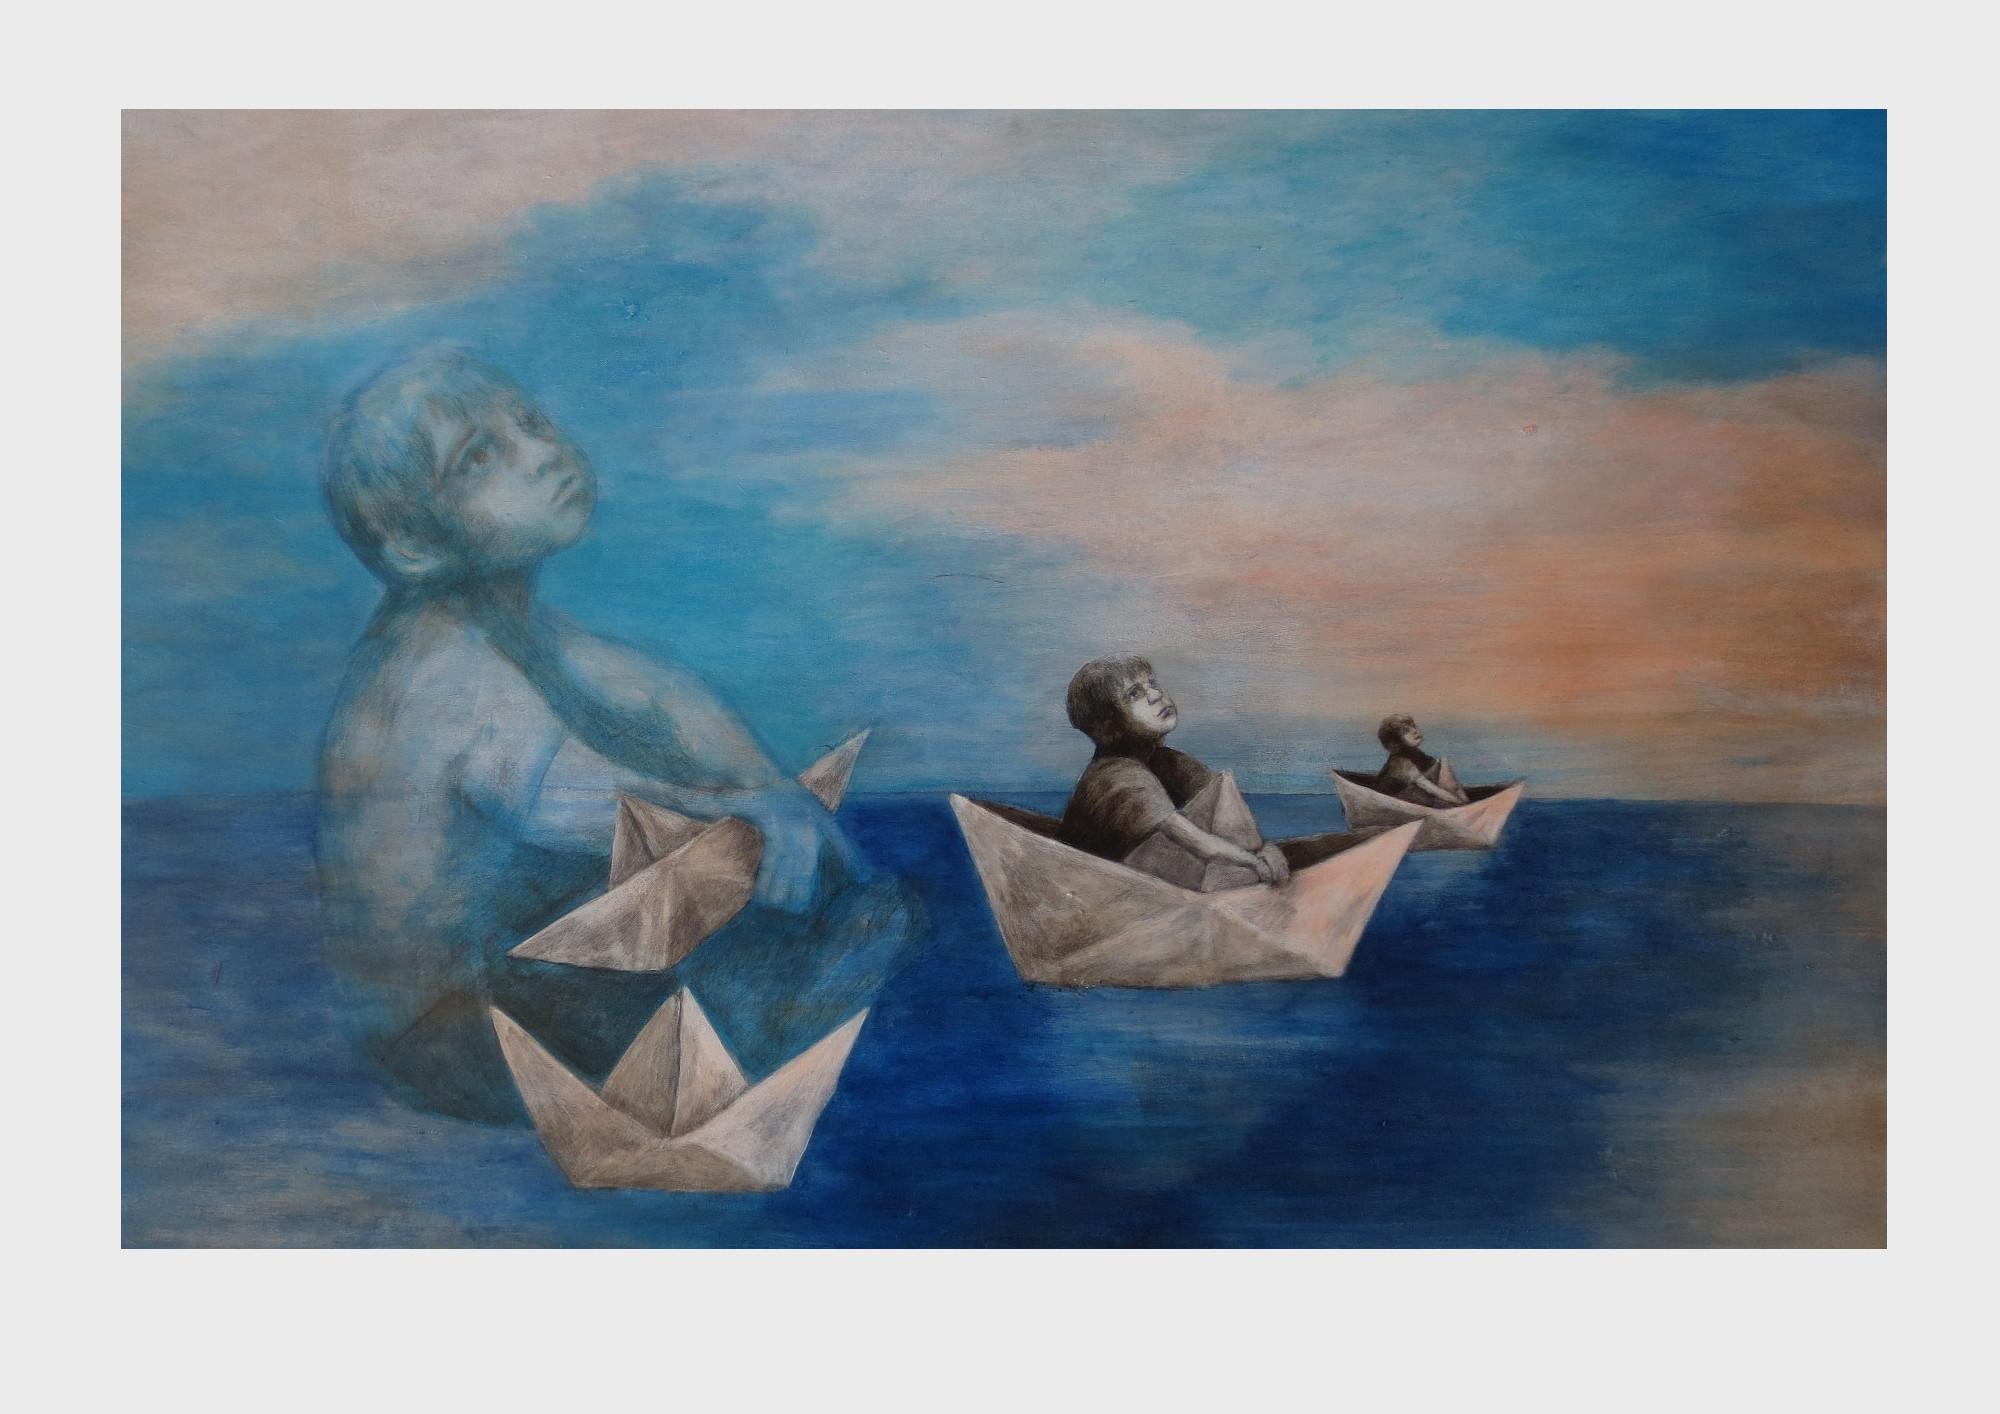 Junge im Papierschiff. Malerei von Dorothea Koch. Maritimes, phantasievolles Gemälde mit zwei kleinen Kindern die mit ihren Papierschiffen durch das Meer der Phantasie treiben. Nachtblaues Meer, Cyanblauer Wolken Himmel.